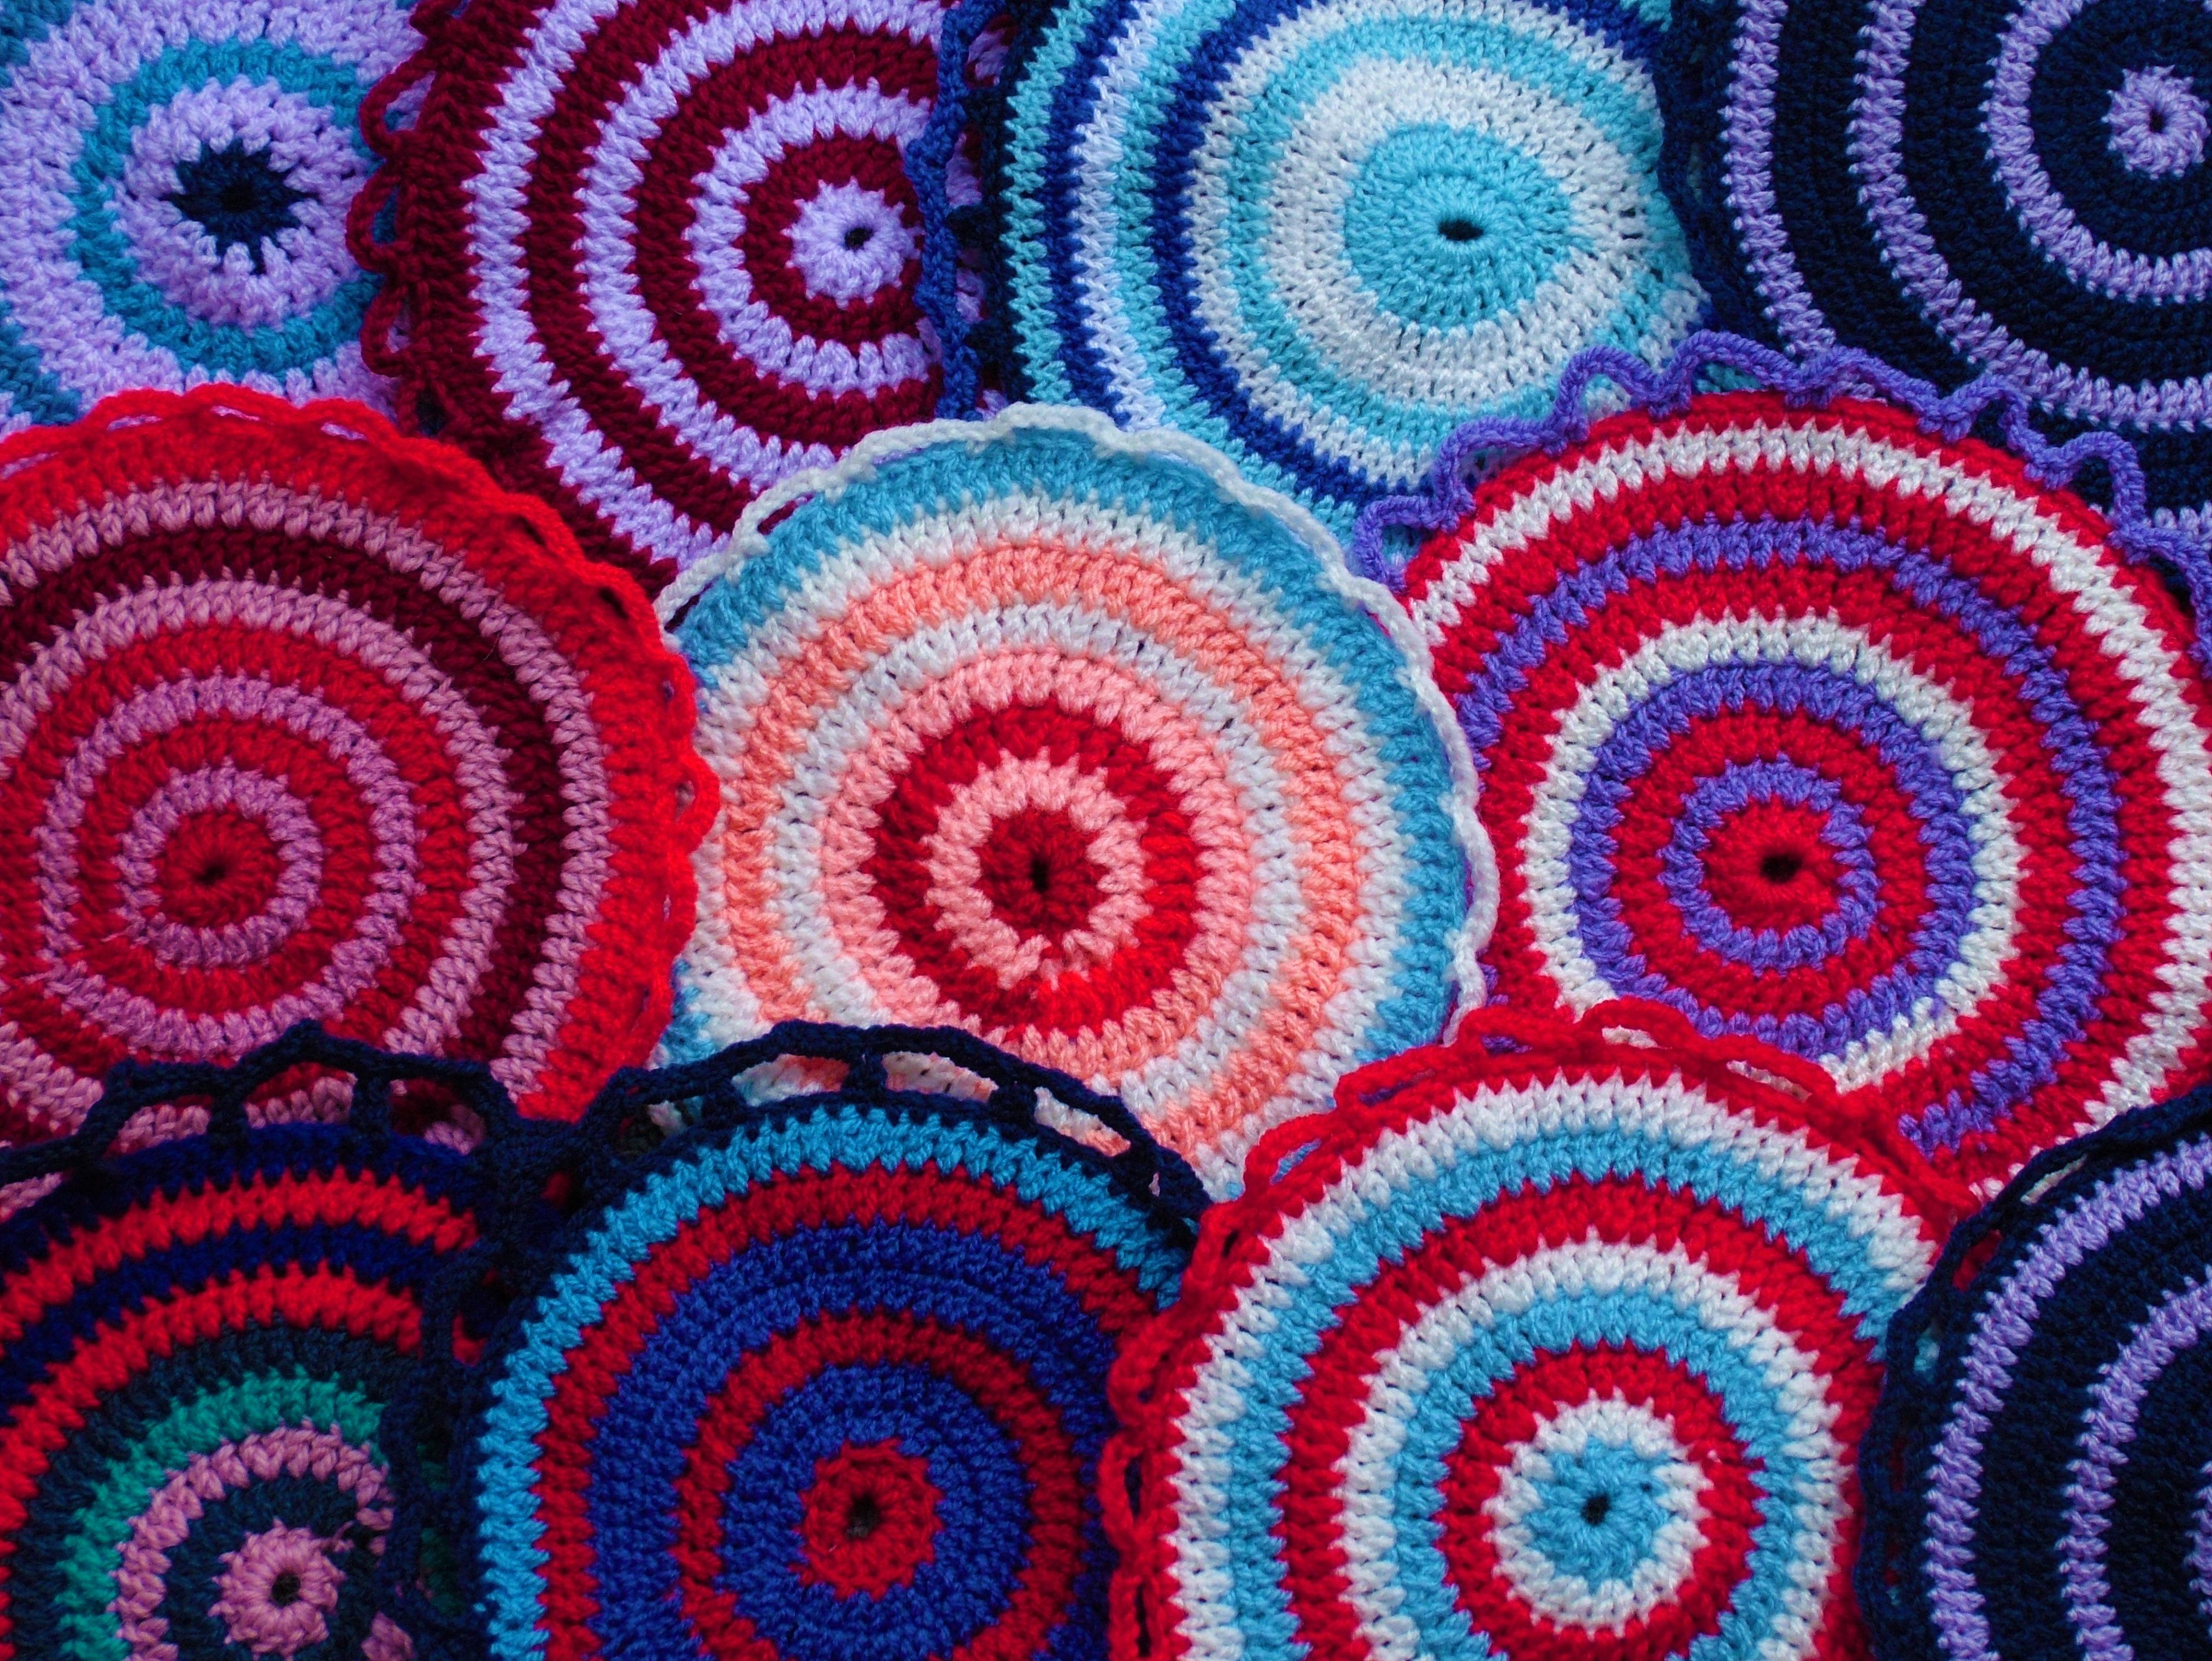 Kostenlose Foto Spiral Muster Kunst Bunt Kreis Häkeln